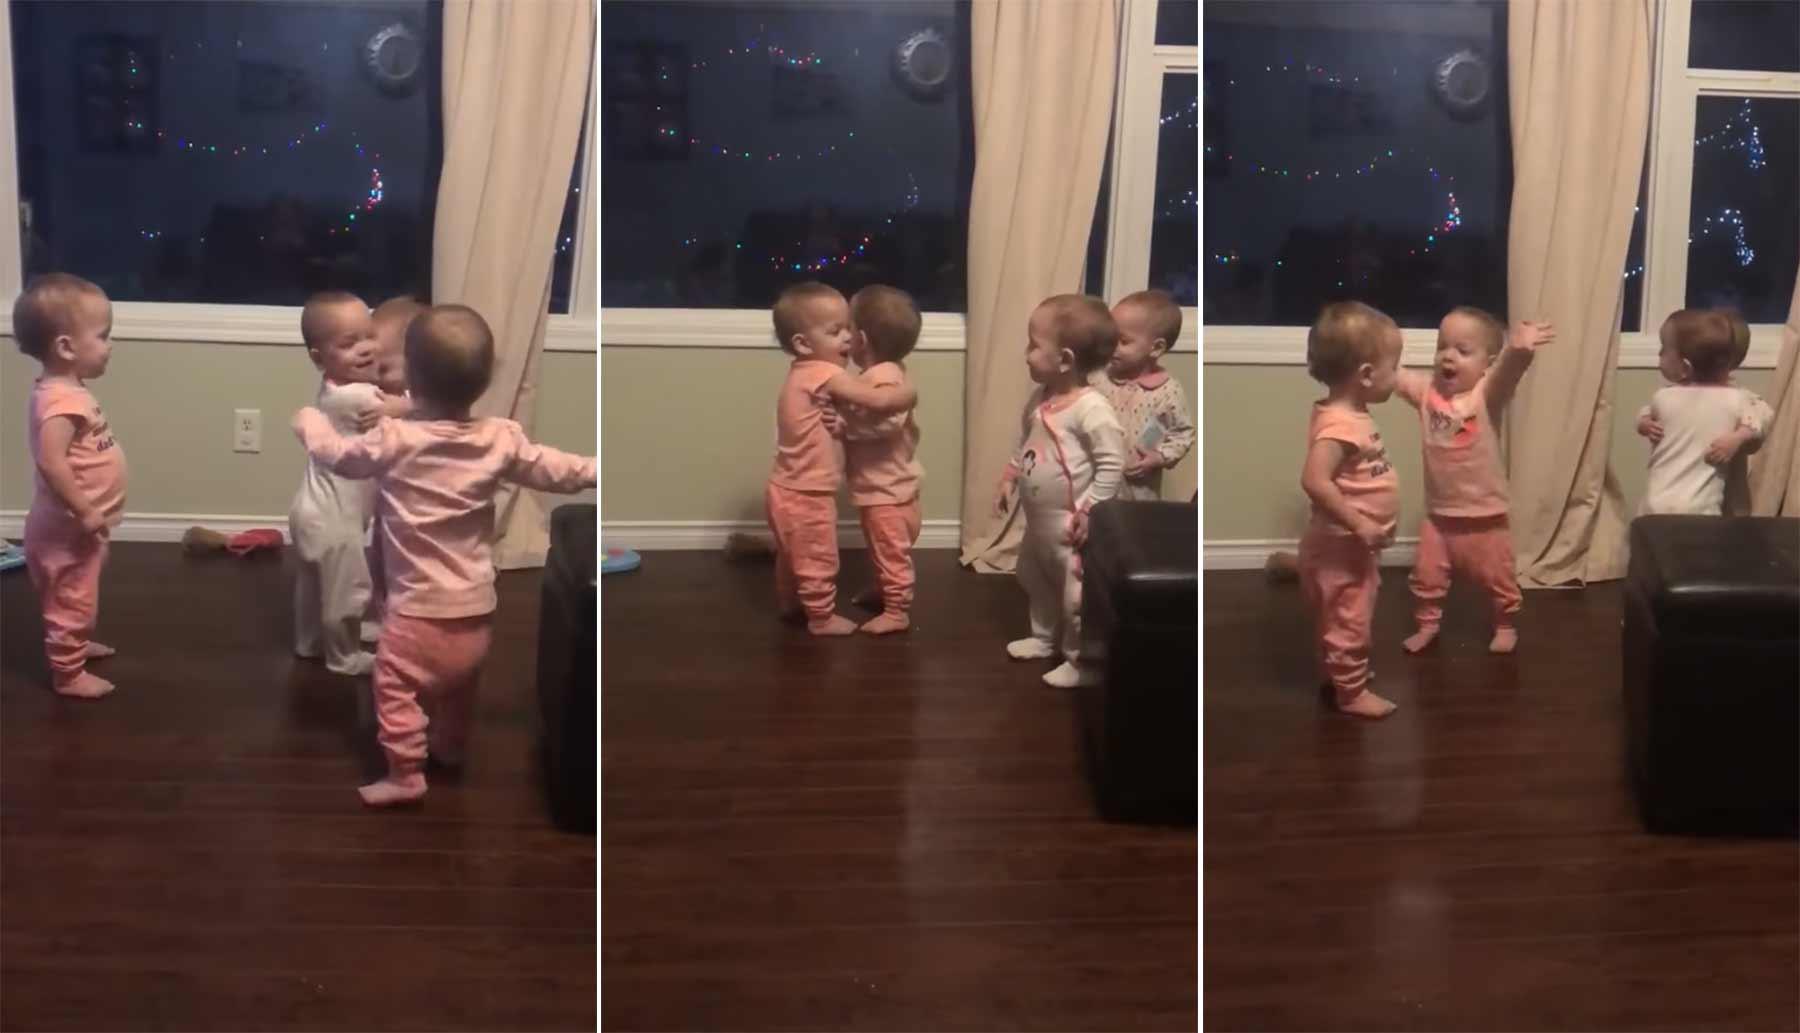 Einfach nur vier Babies, die nicht aufhören können, sich zu umarmen